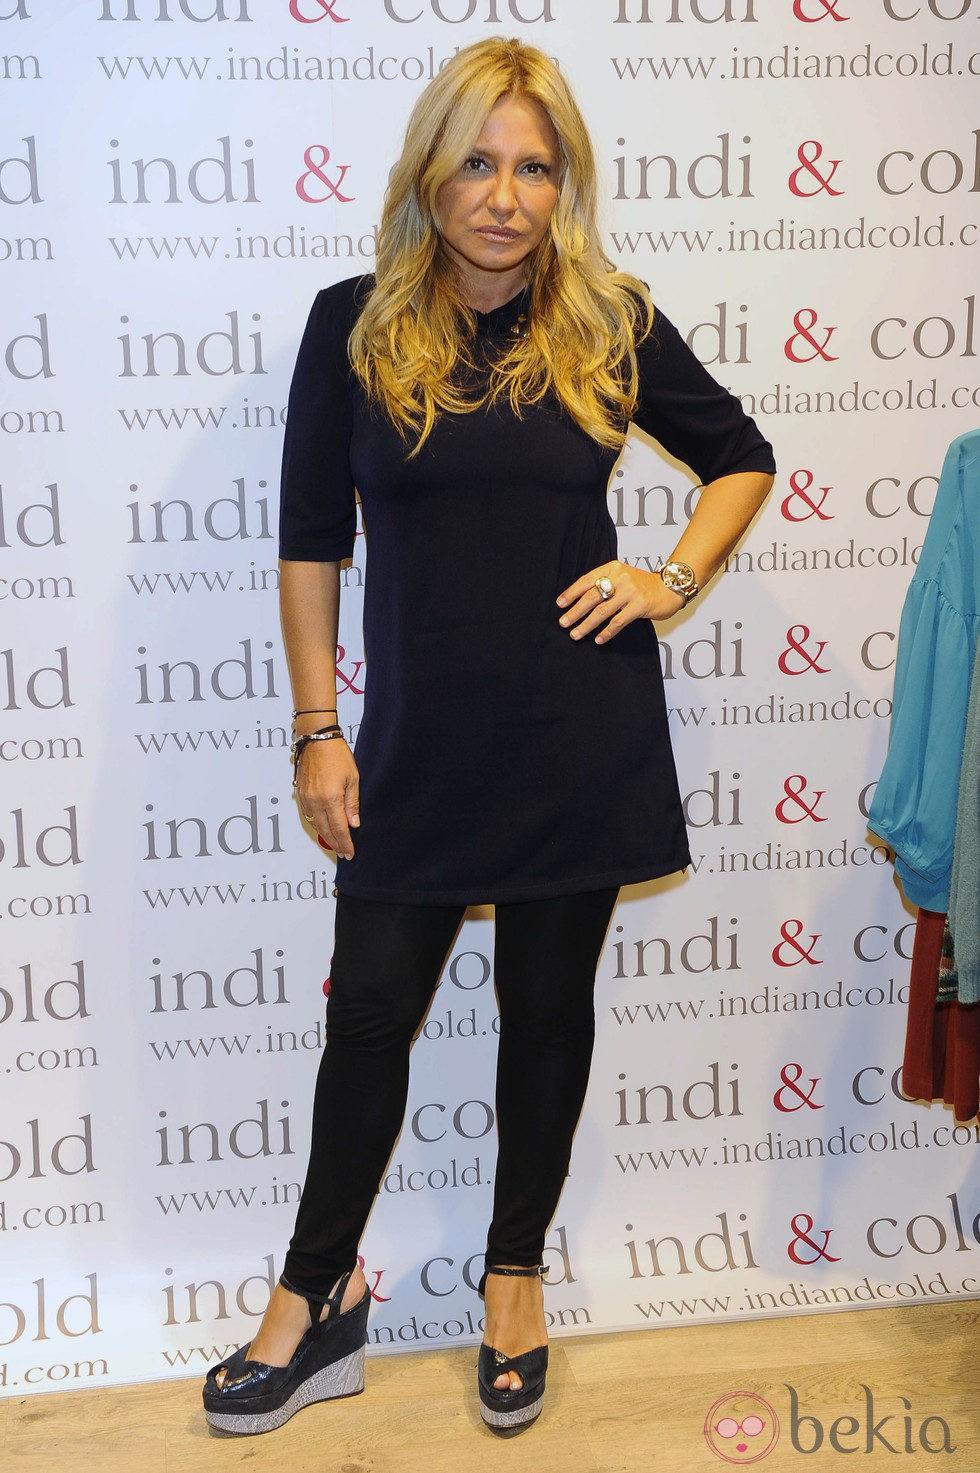 Cristina Tárrega en la inauguración de la tienda Indi & Cold en Madrid